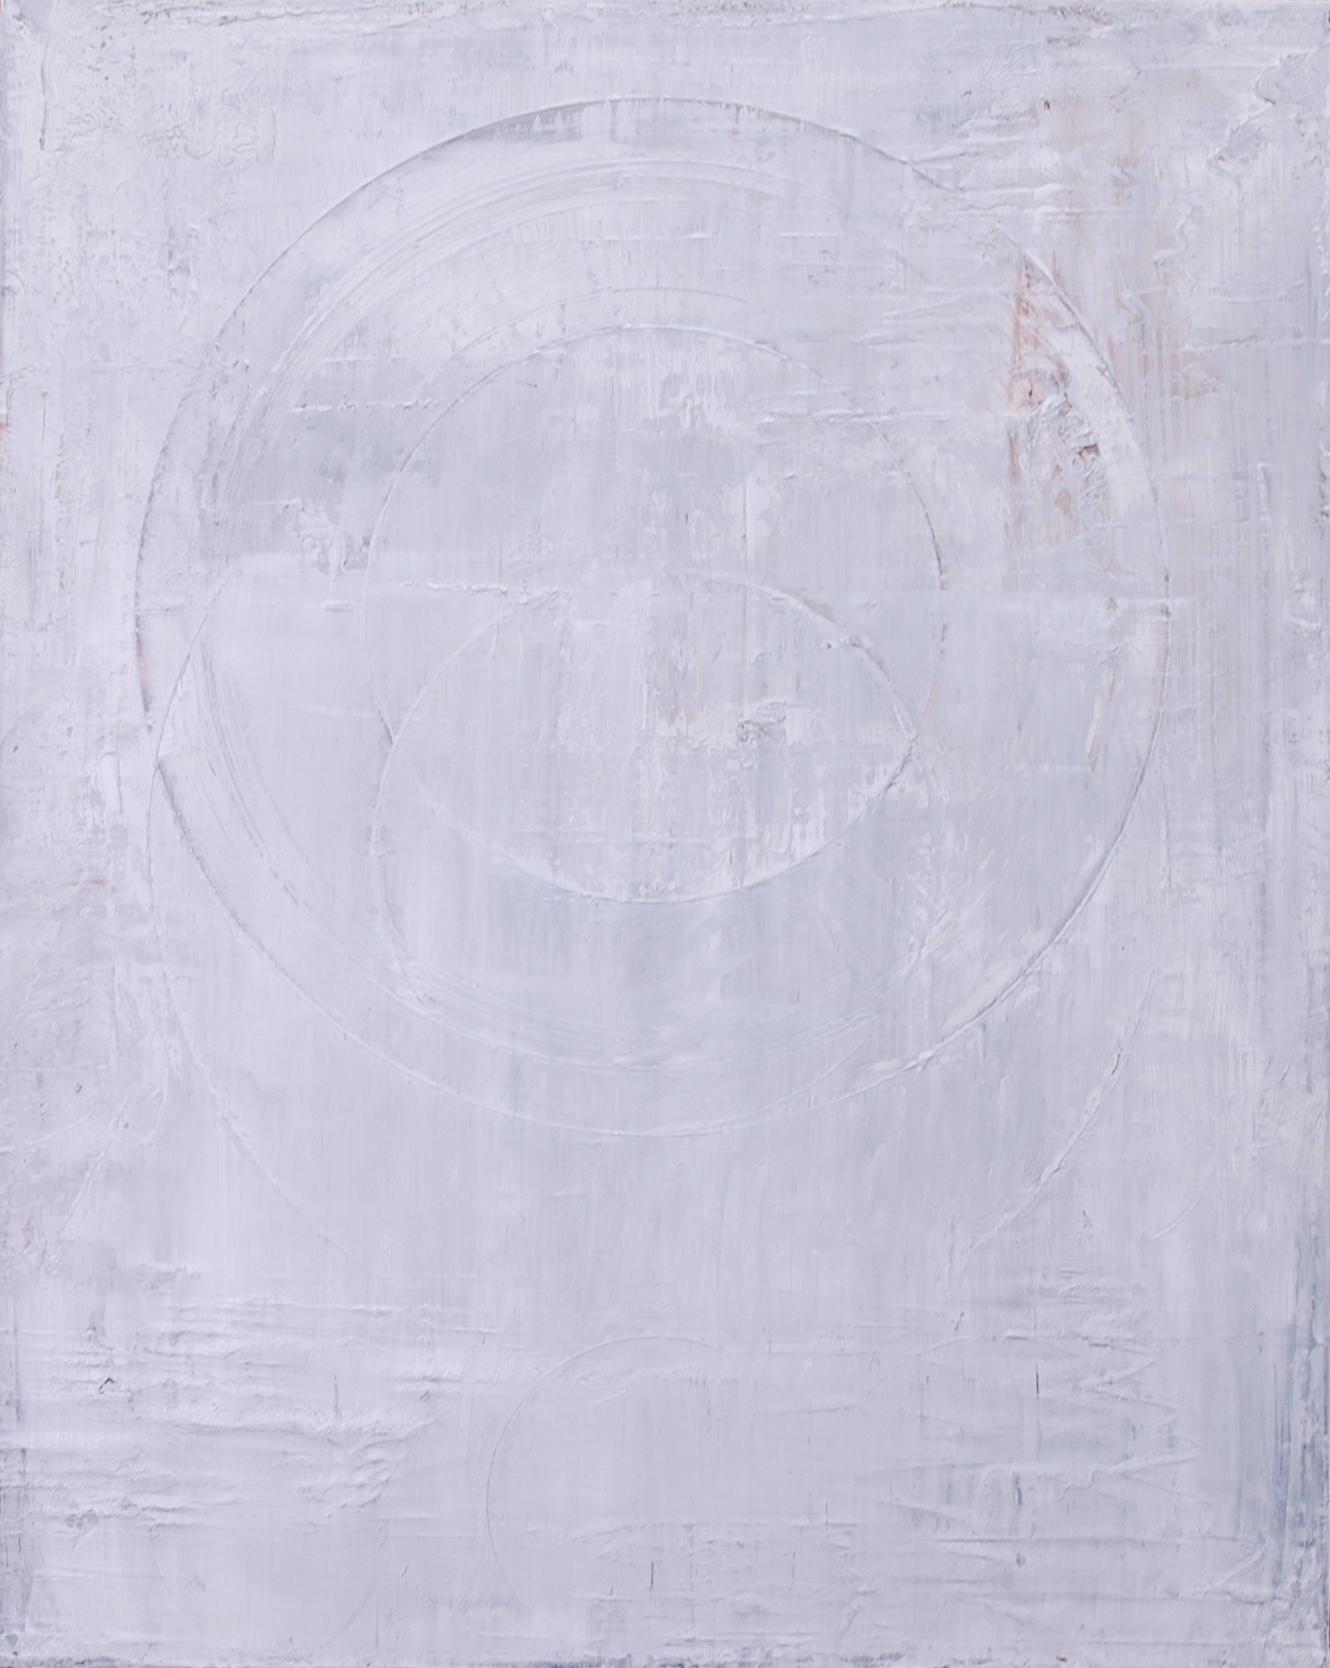 Non-Zero-Sum Imprint